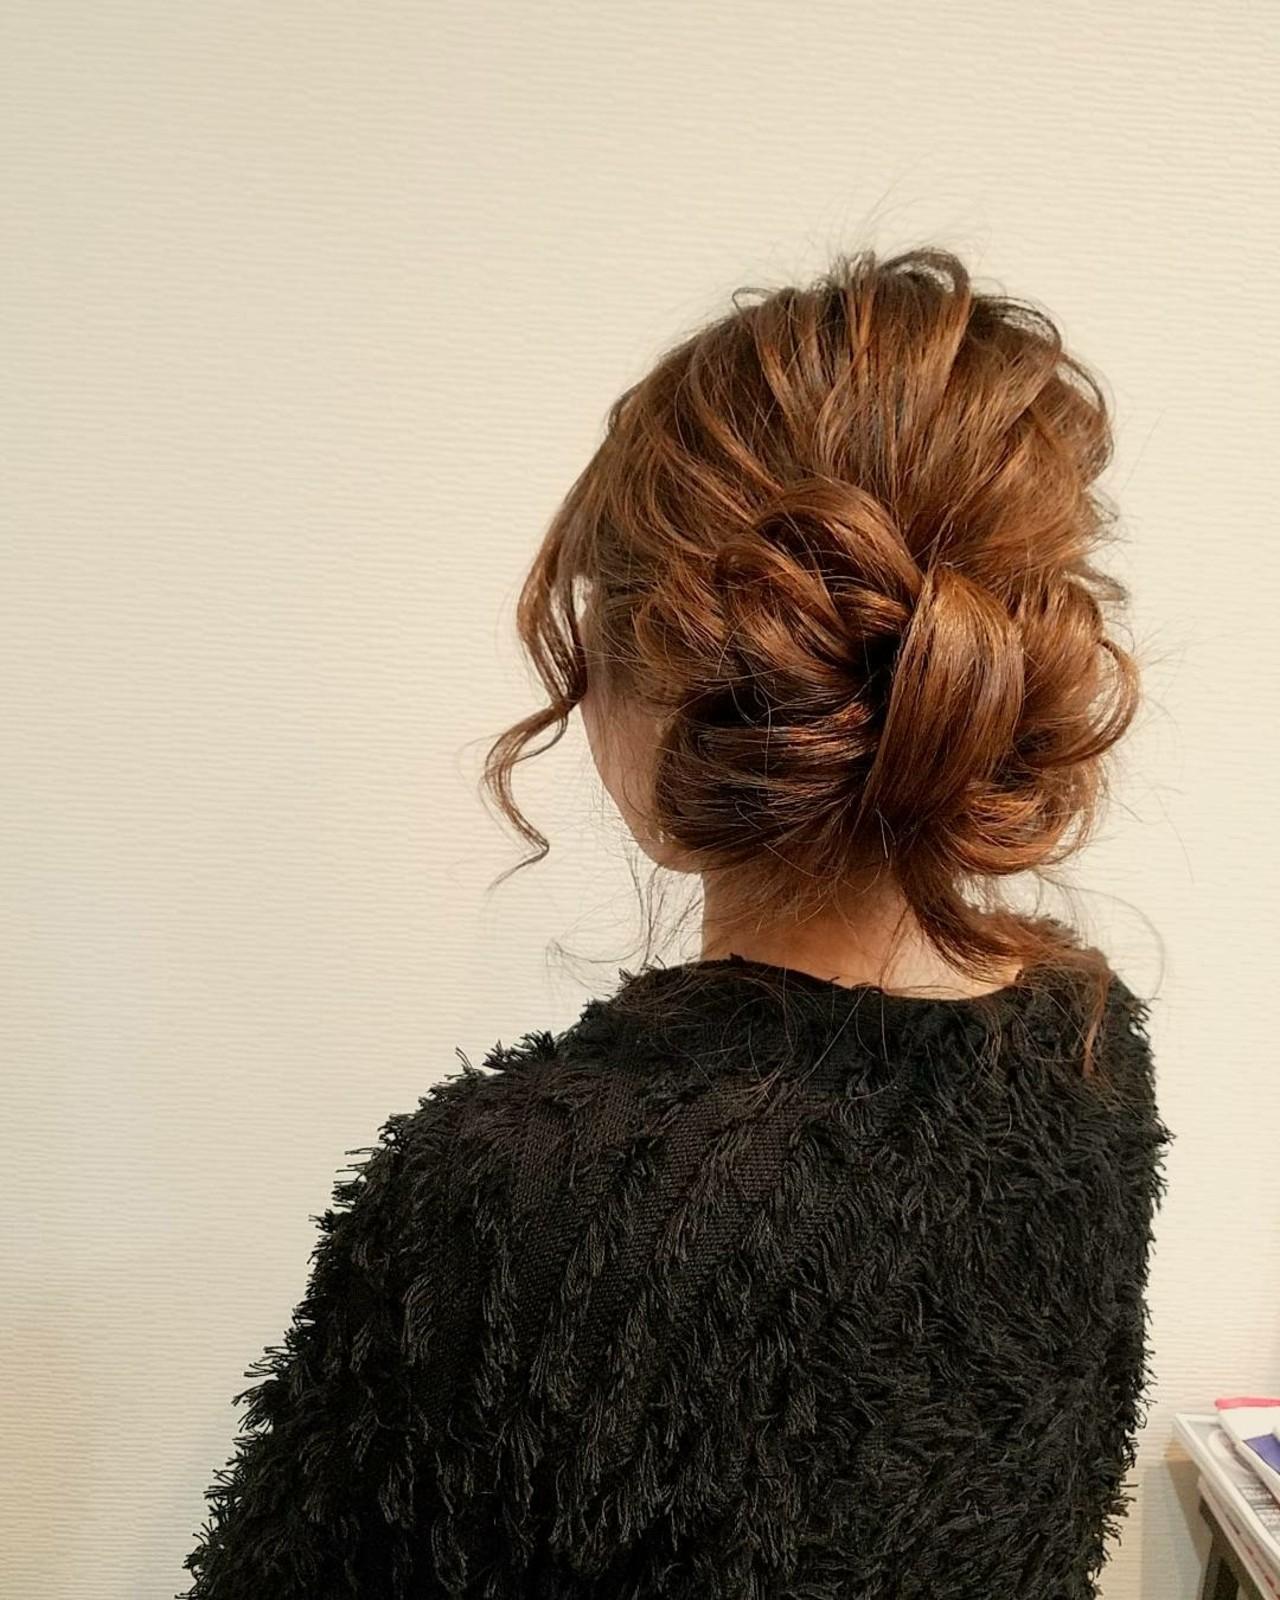 アップスタイル ヘアアレンジ ミディアム ガーリー ヘアスタイルや髪型の写真・画像 | mai / HAIR SALON STELLA